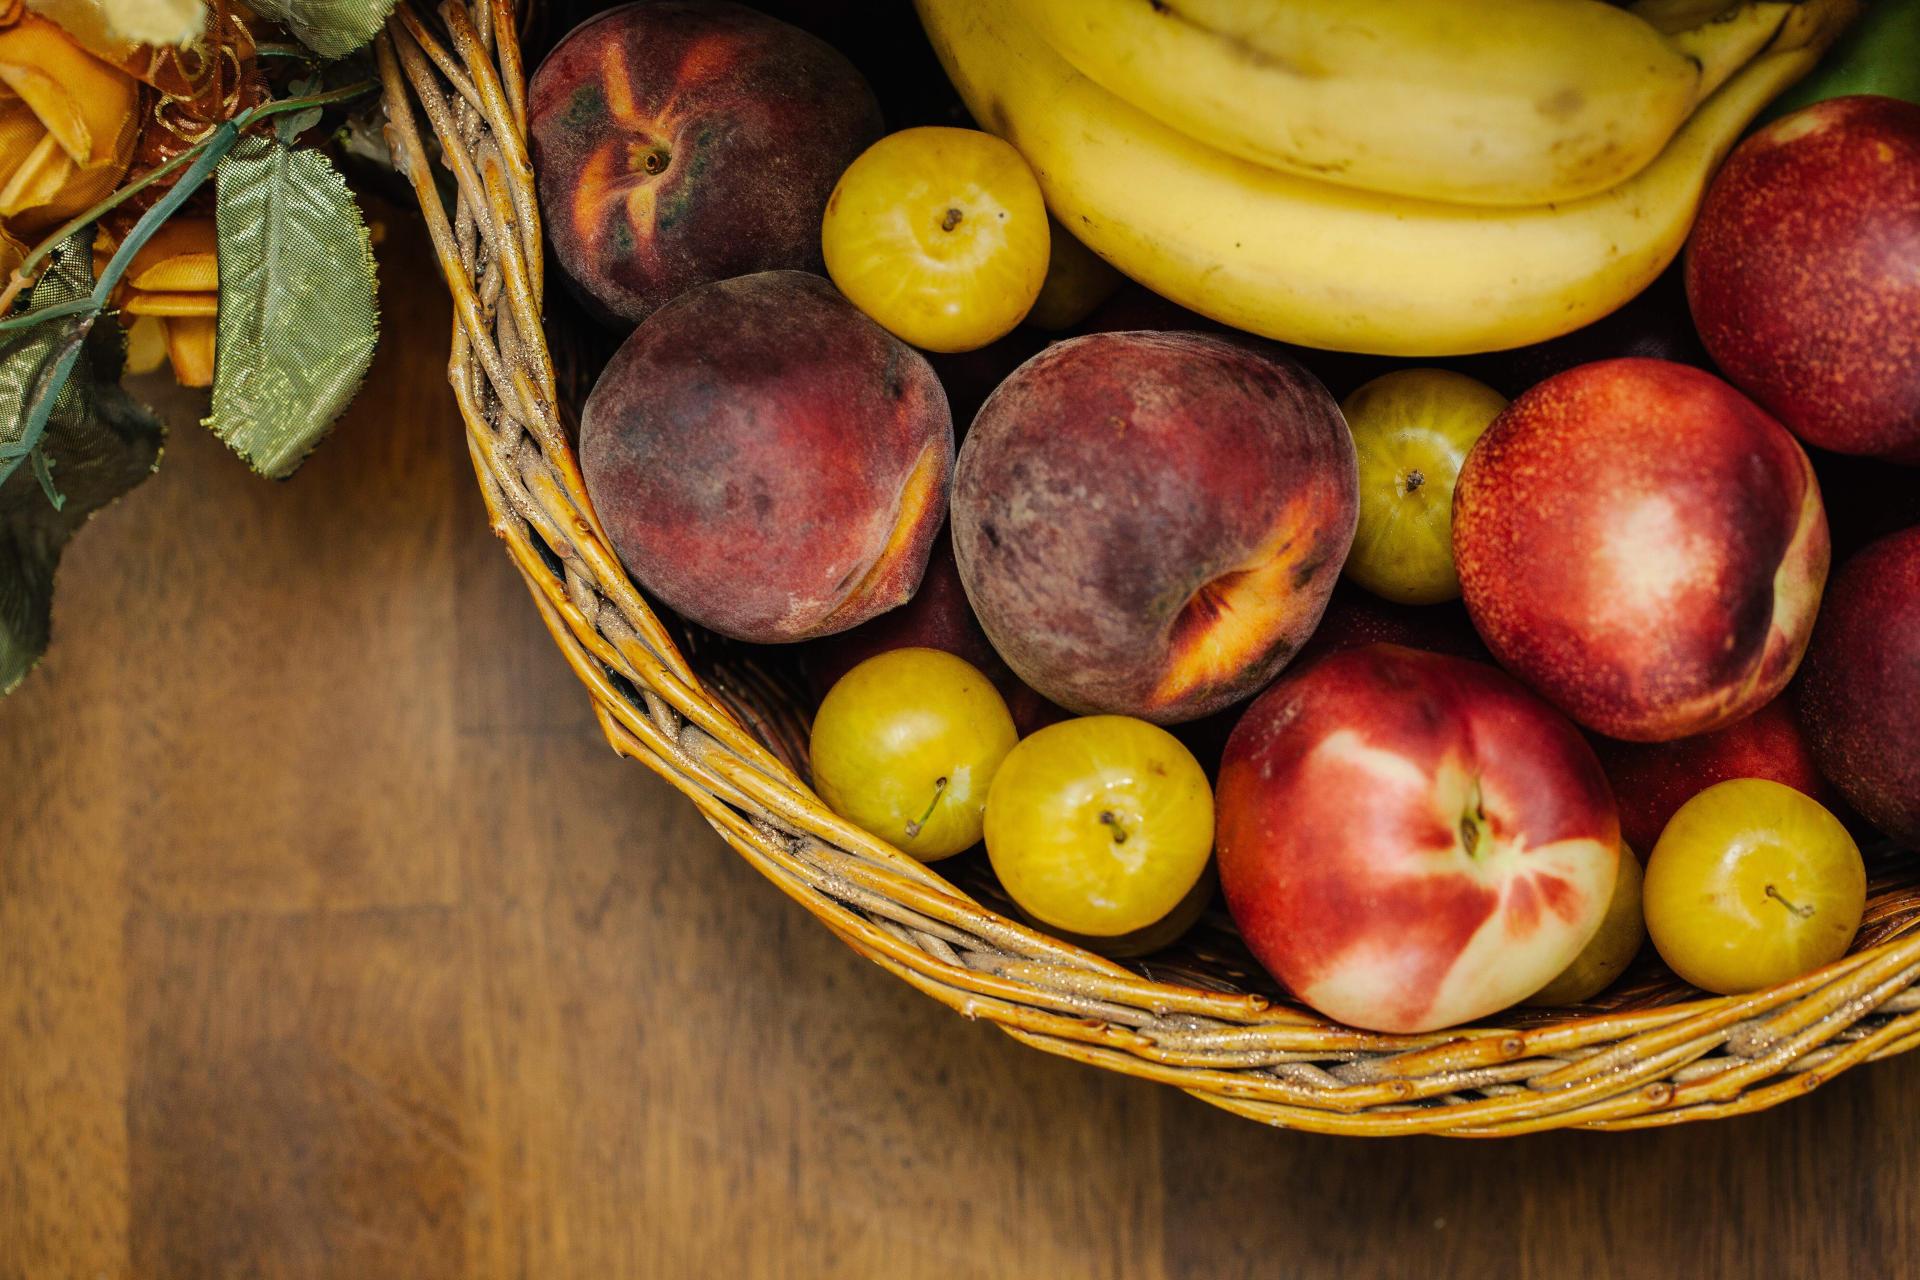 dici-et-dela-epicerie-ambulante-corbeille-fruits@infinity-graphic